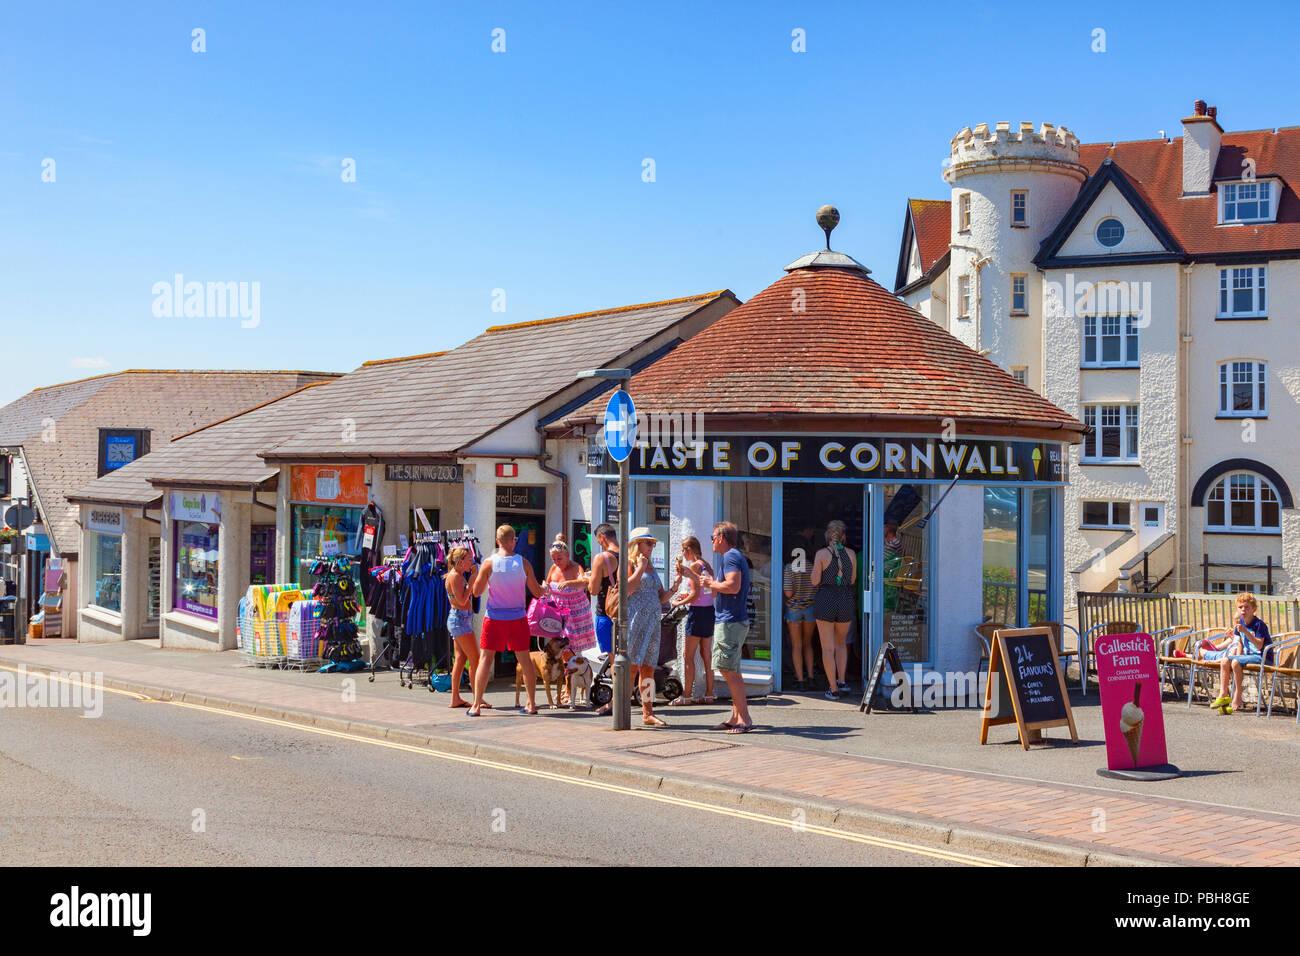 7 Juillet 2018: Bude Cornwall UK - Dans la poursuite du temps ensoleillé, chaud les gens cool de manger à l'extérieur de la crème glacée goût de Cornwall en belle vue. Banque D'Images